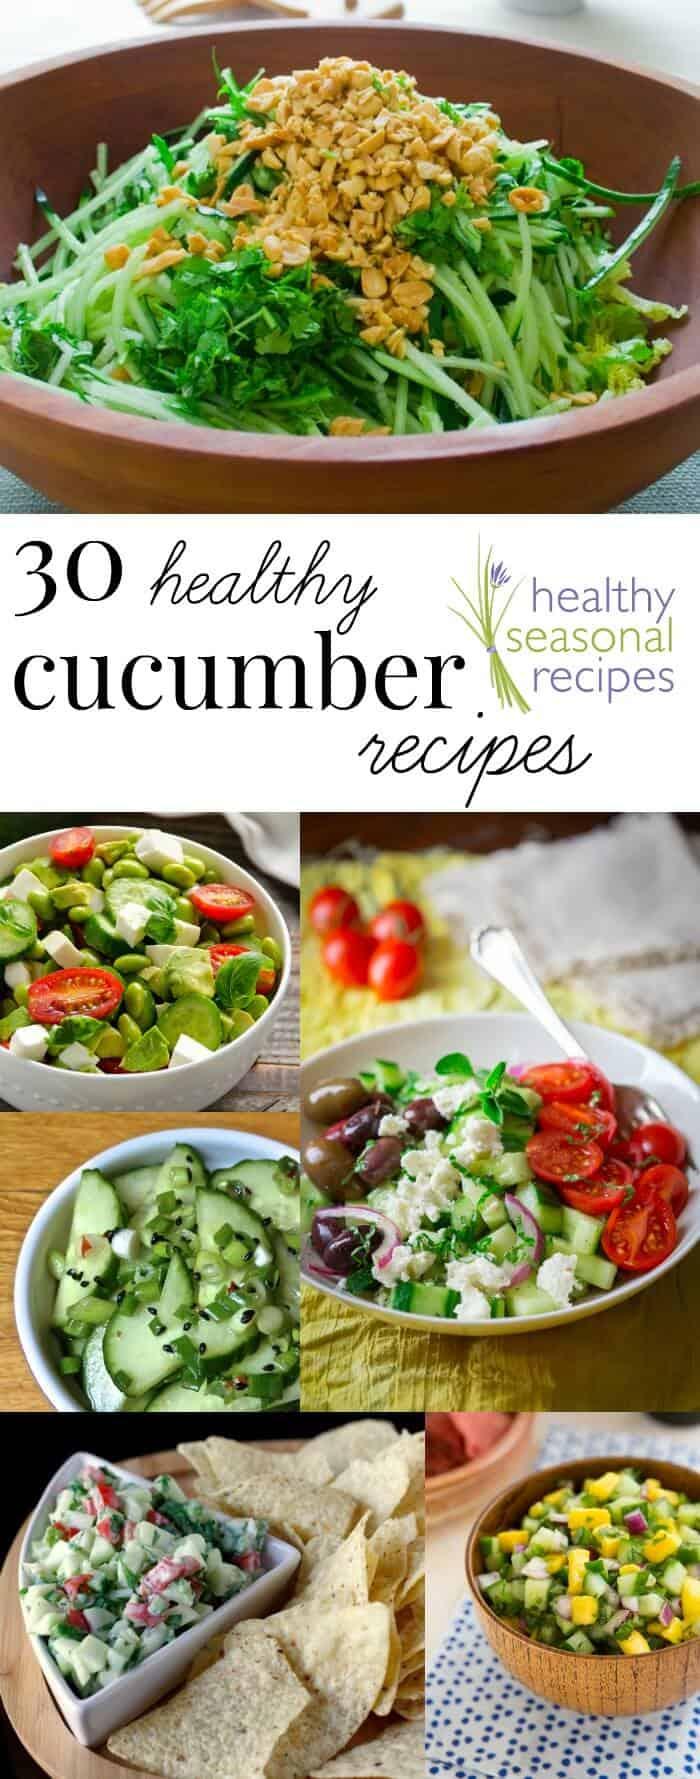 30 healthy cucumber recipes